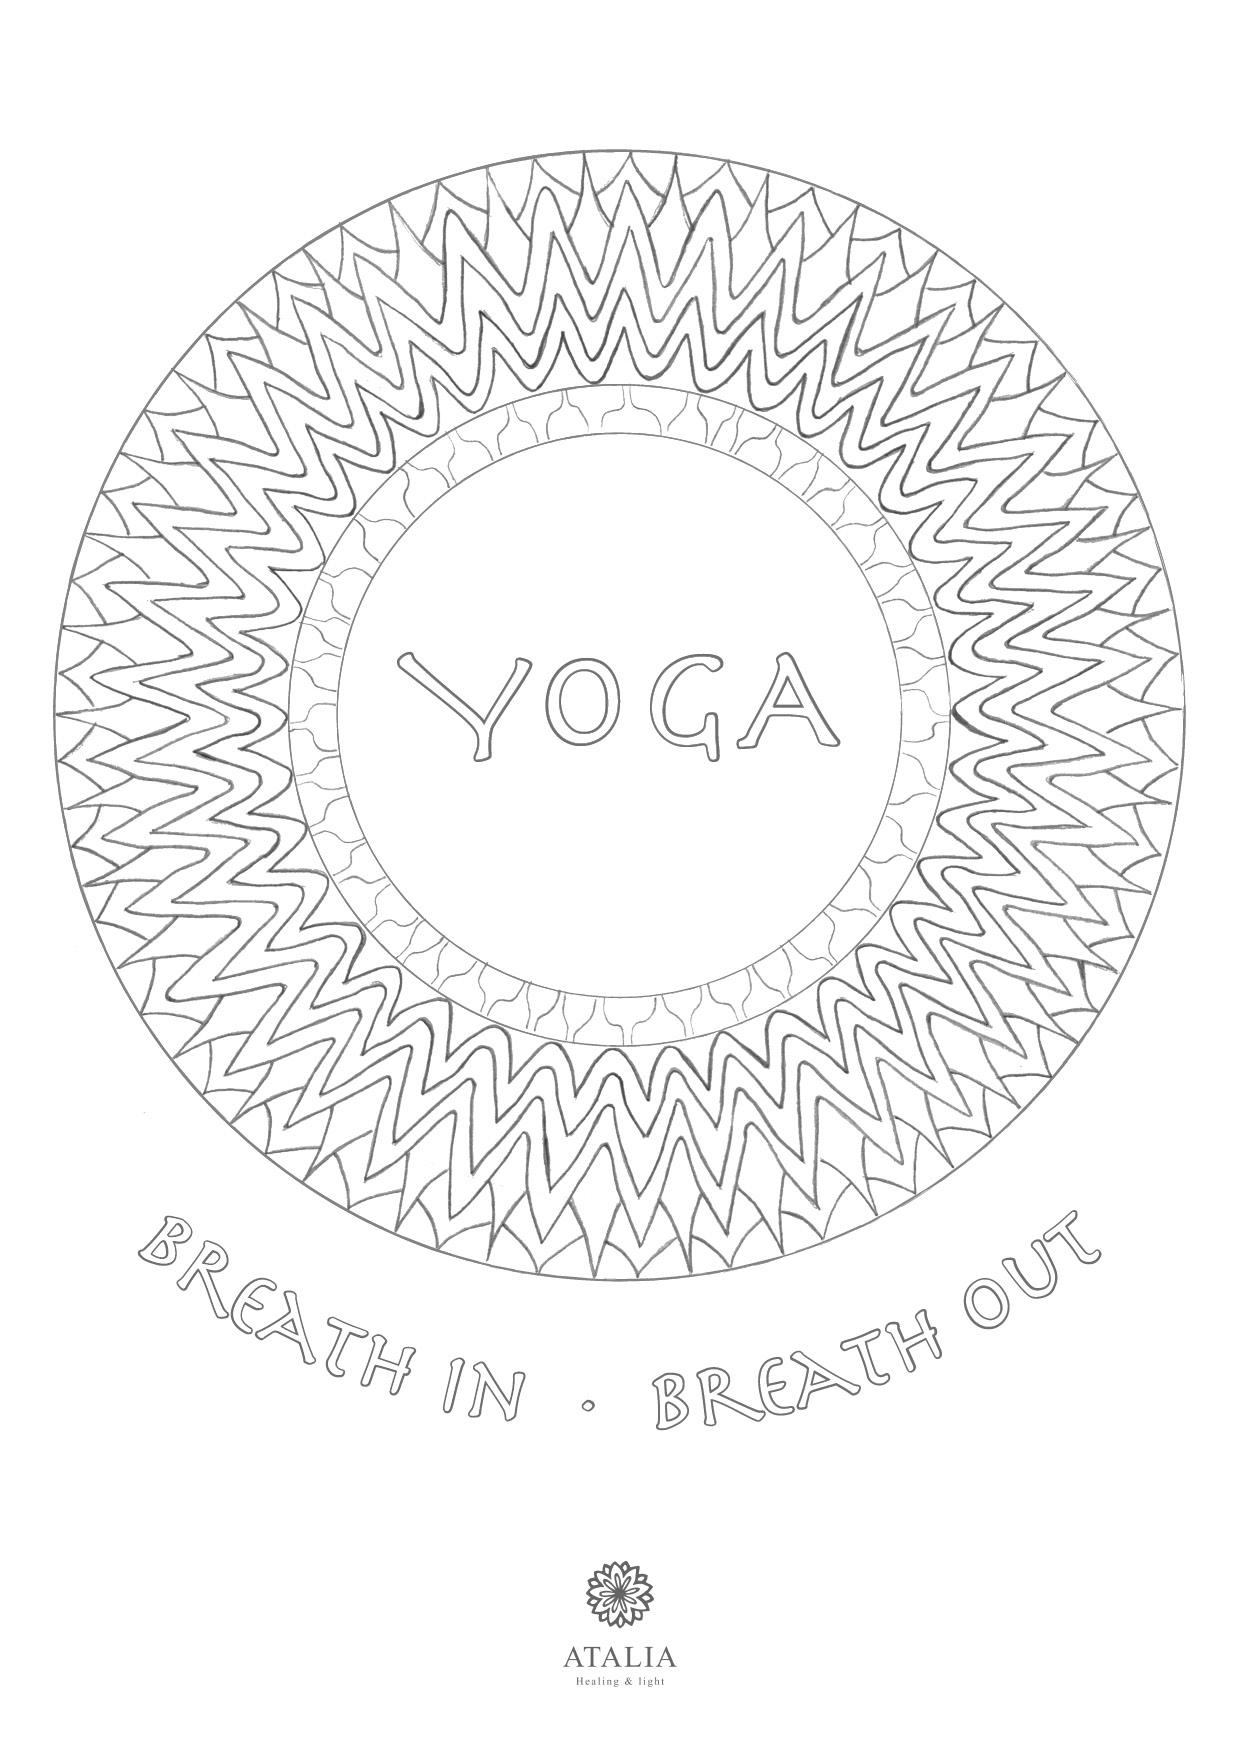 דפי מנדלות לצביעה - YOGA - BREATH IN * BREATH OUT